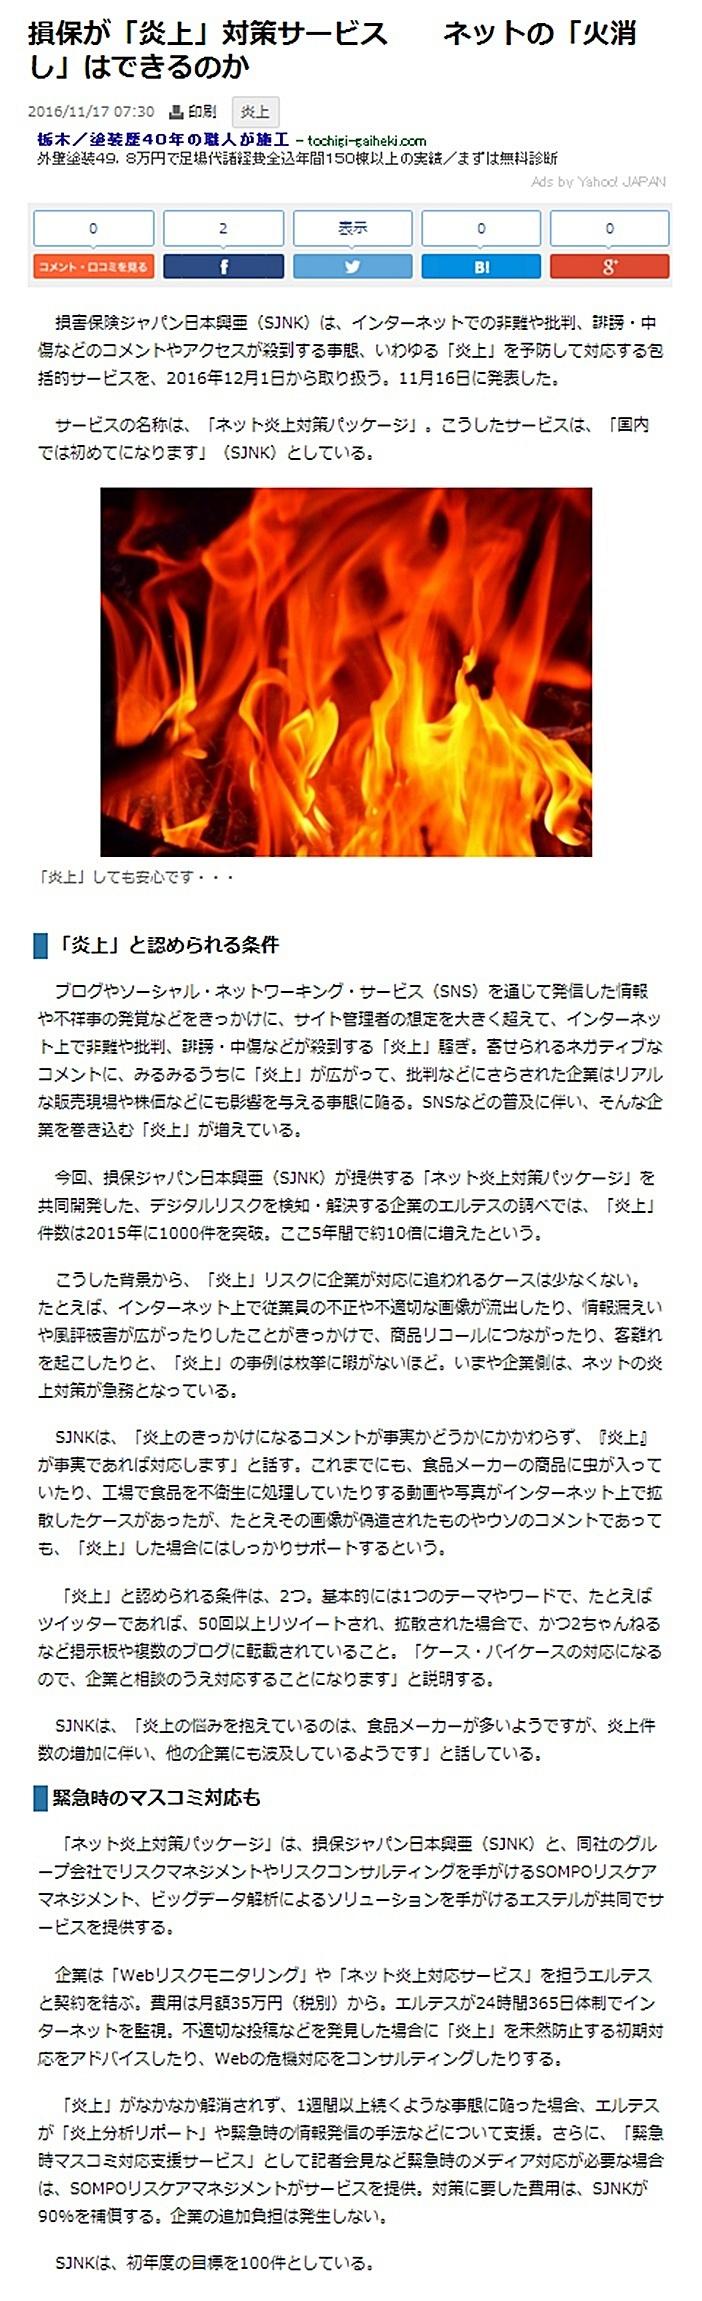 損保ジャパン 炎上